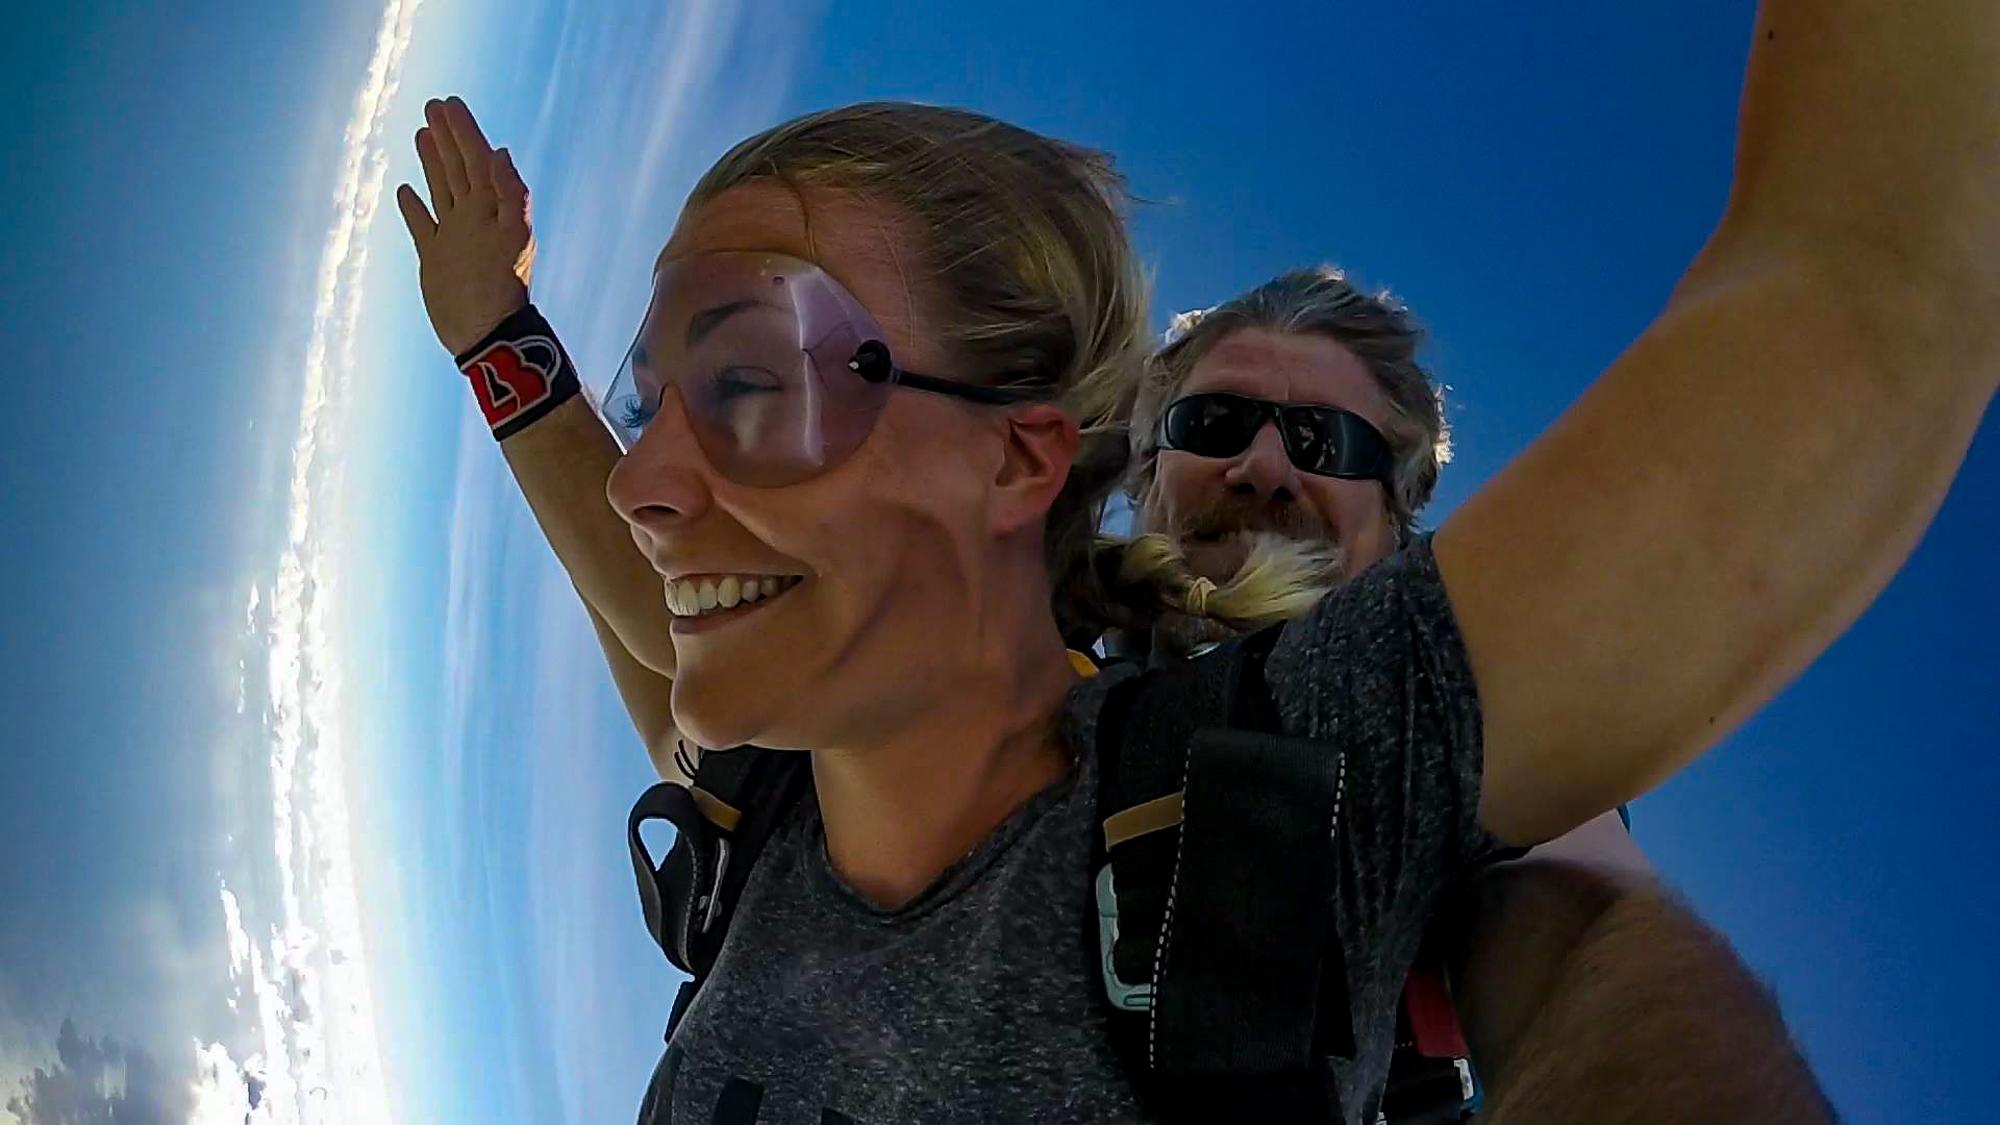 altitude-skydive-3